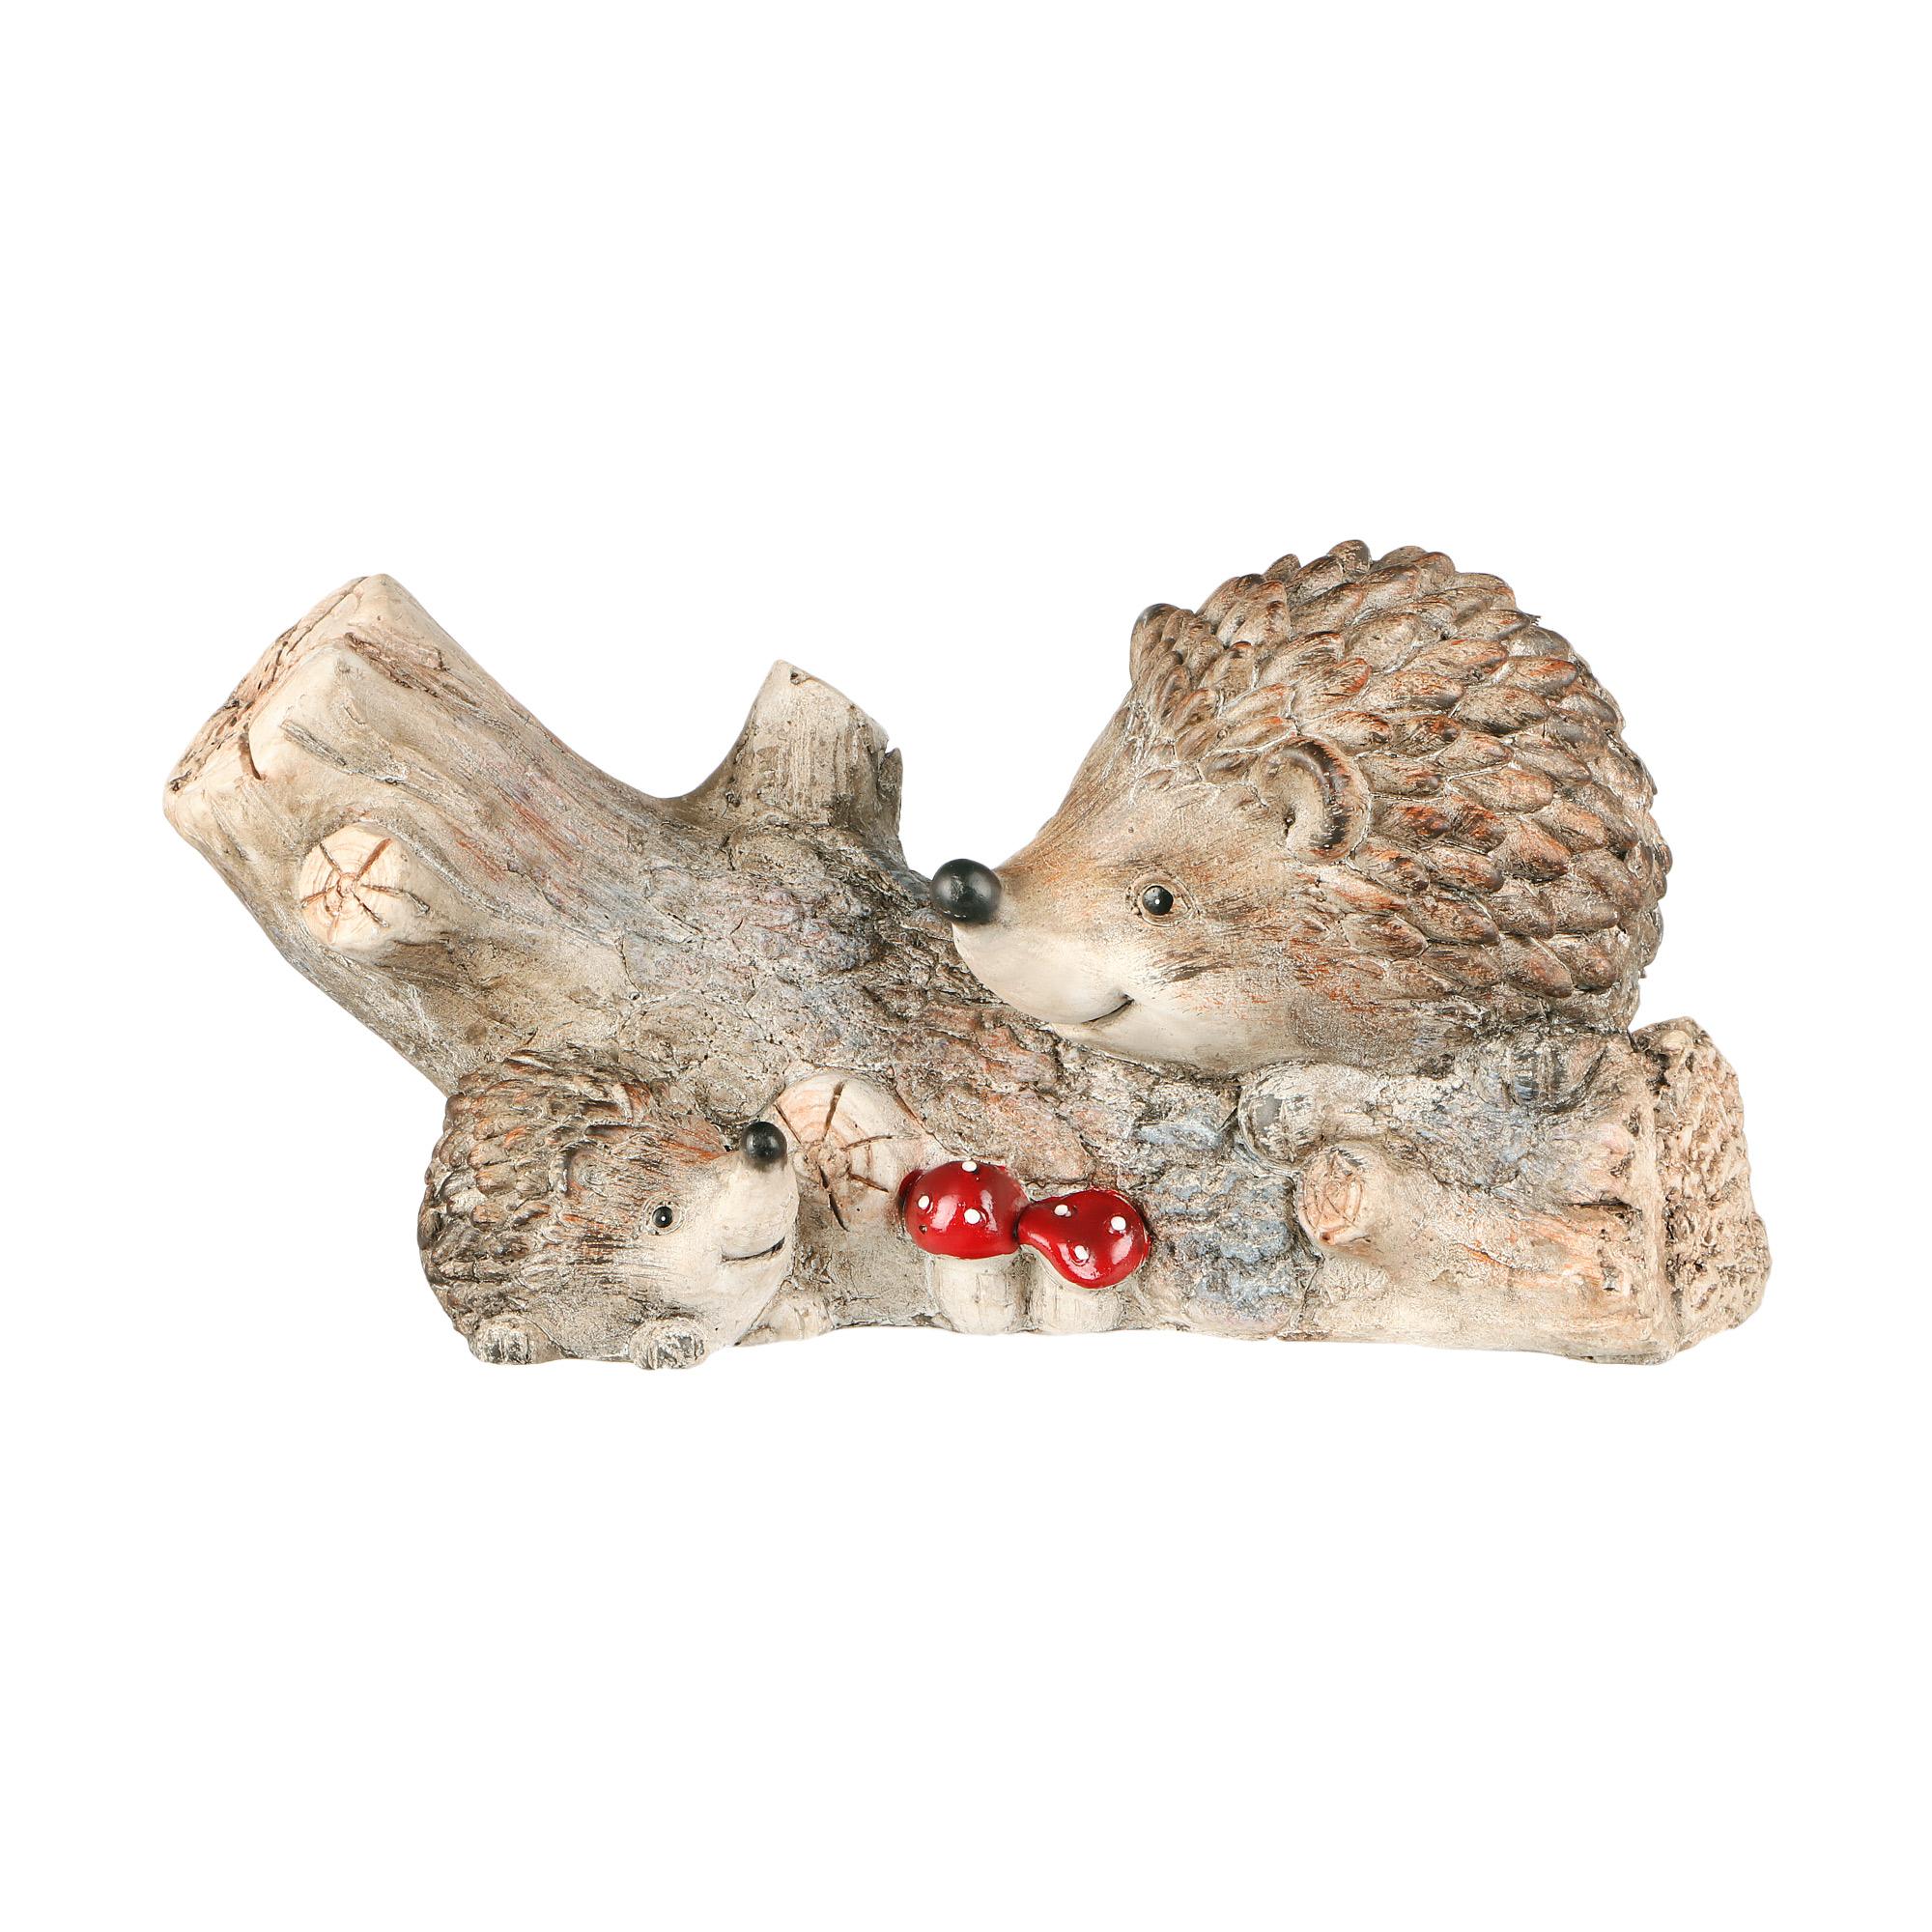 Фигура садовая Foryou craft ежи с бревном 41х17х20см фото